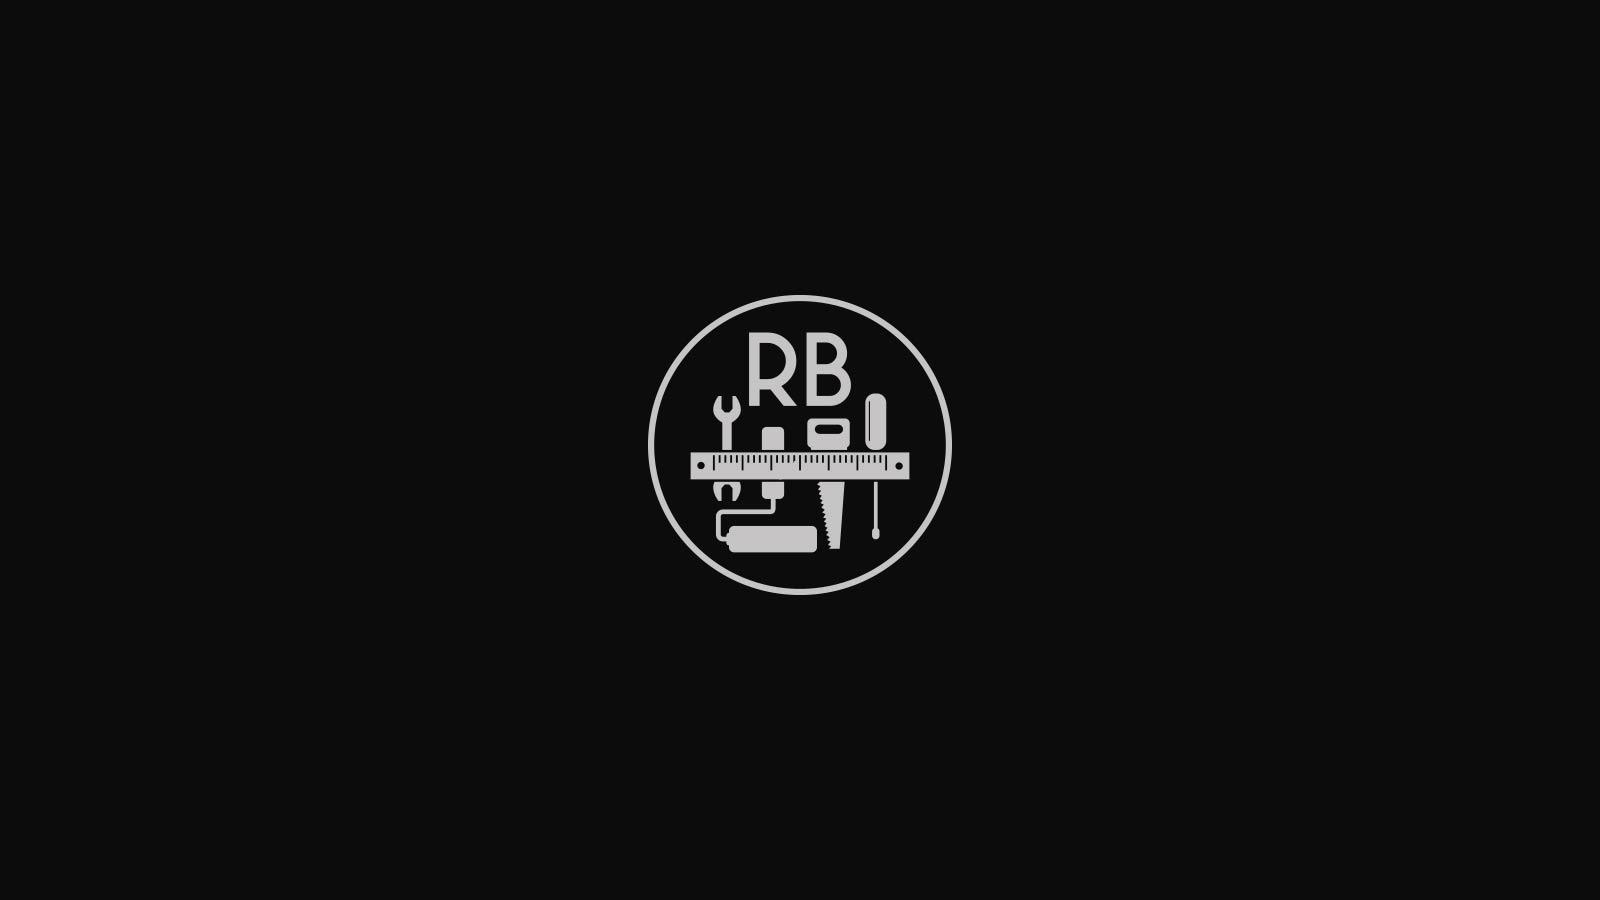 R.B. Building